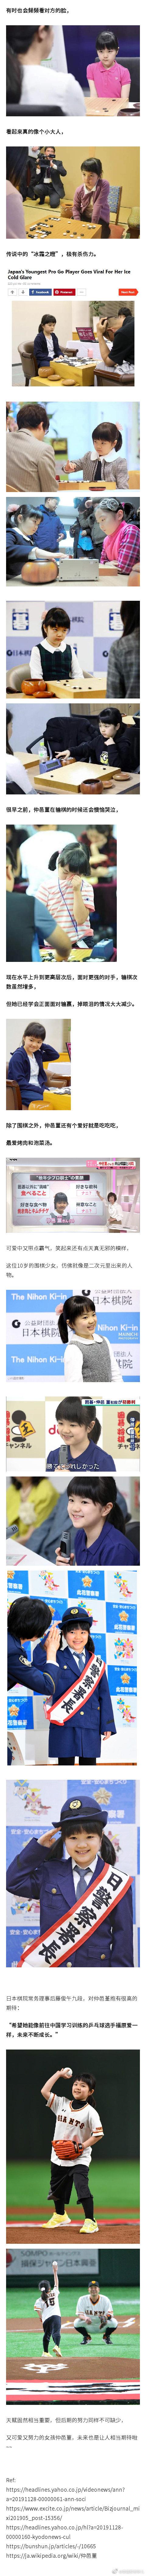 天才啊,日本10岁最年轻职业棋手战胜71岁职业九段 涨姿势 第2张